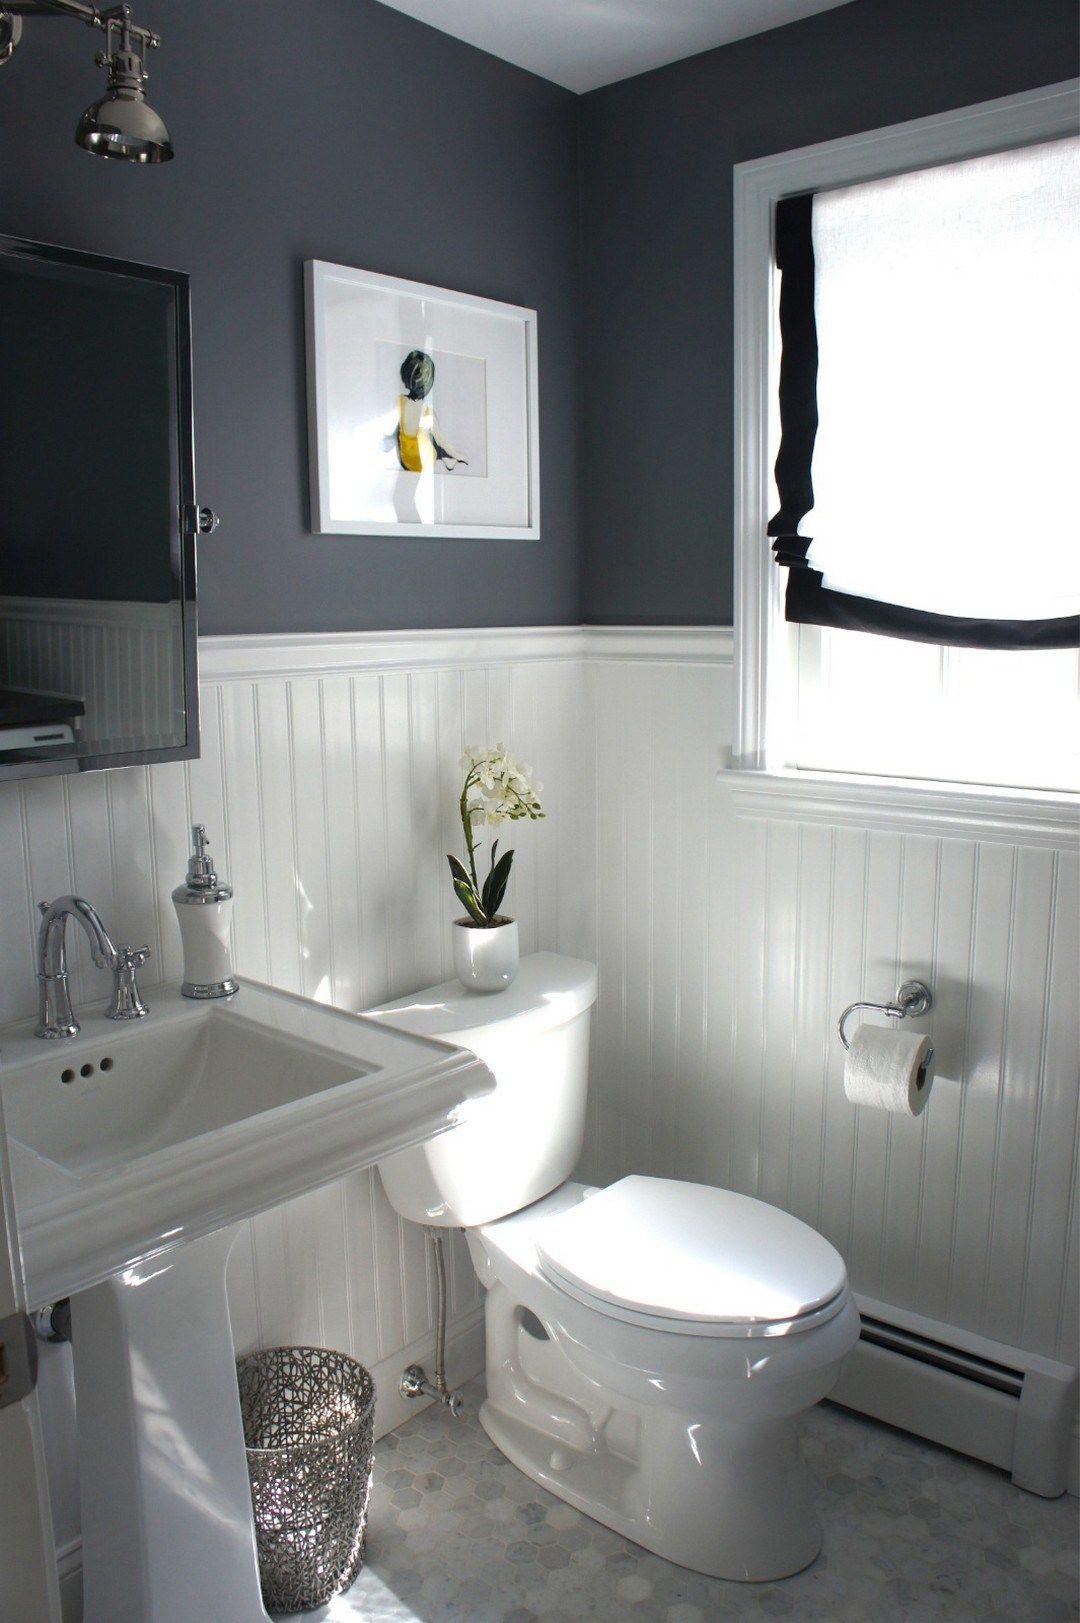 99 Small Master Bathroom Makeover Ideas On A Budget 48 Small Bathroom Remodel Bathroom Makeover House Bathroom